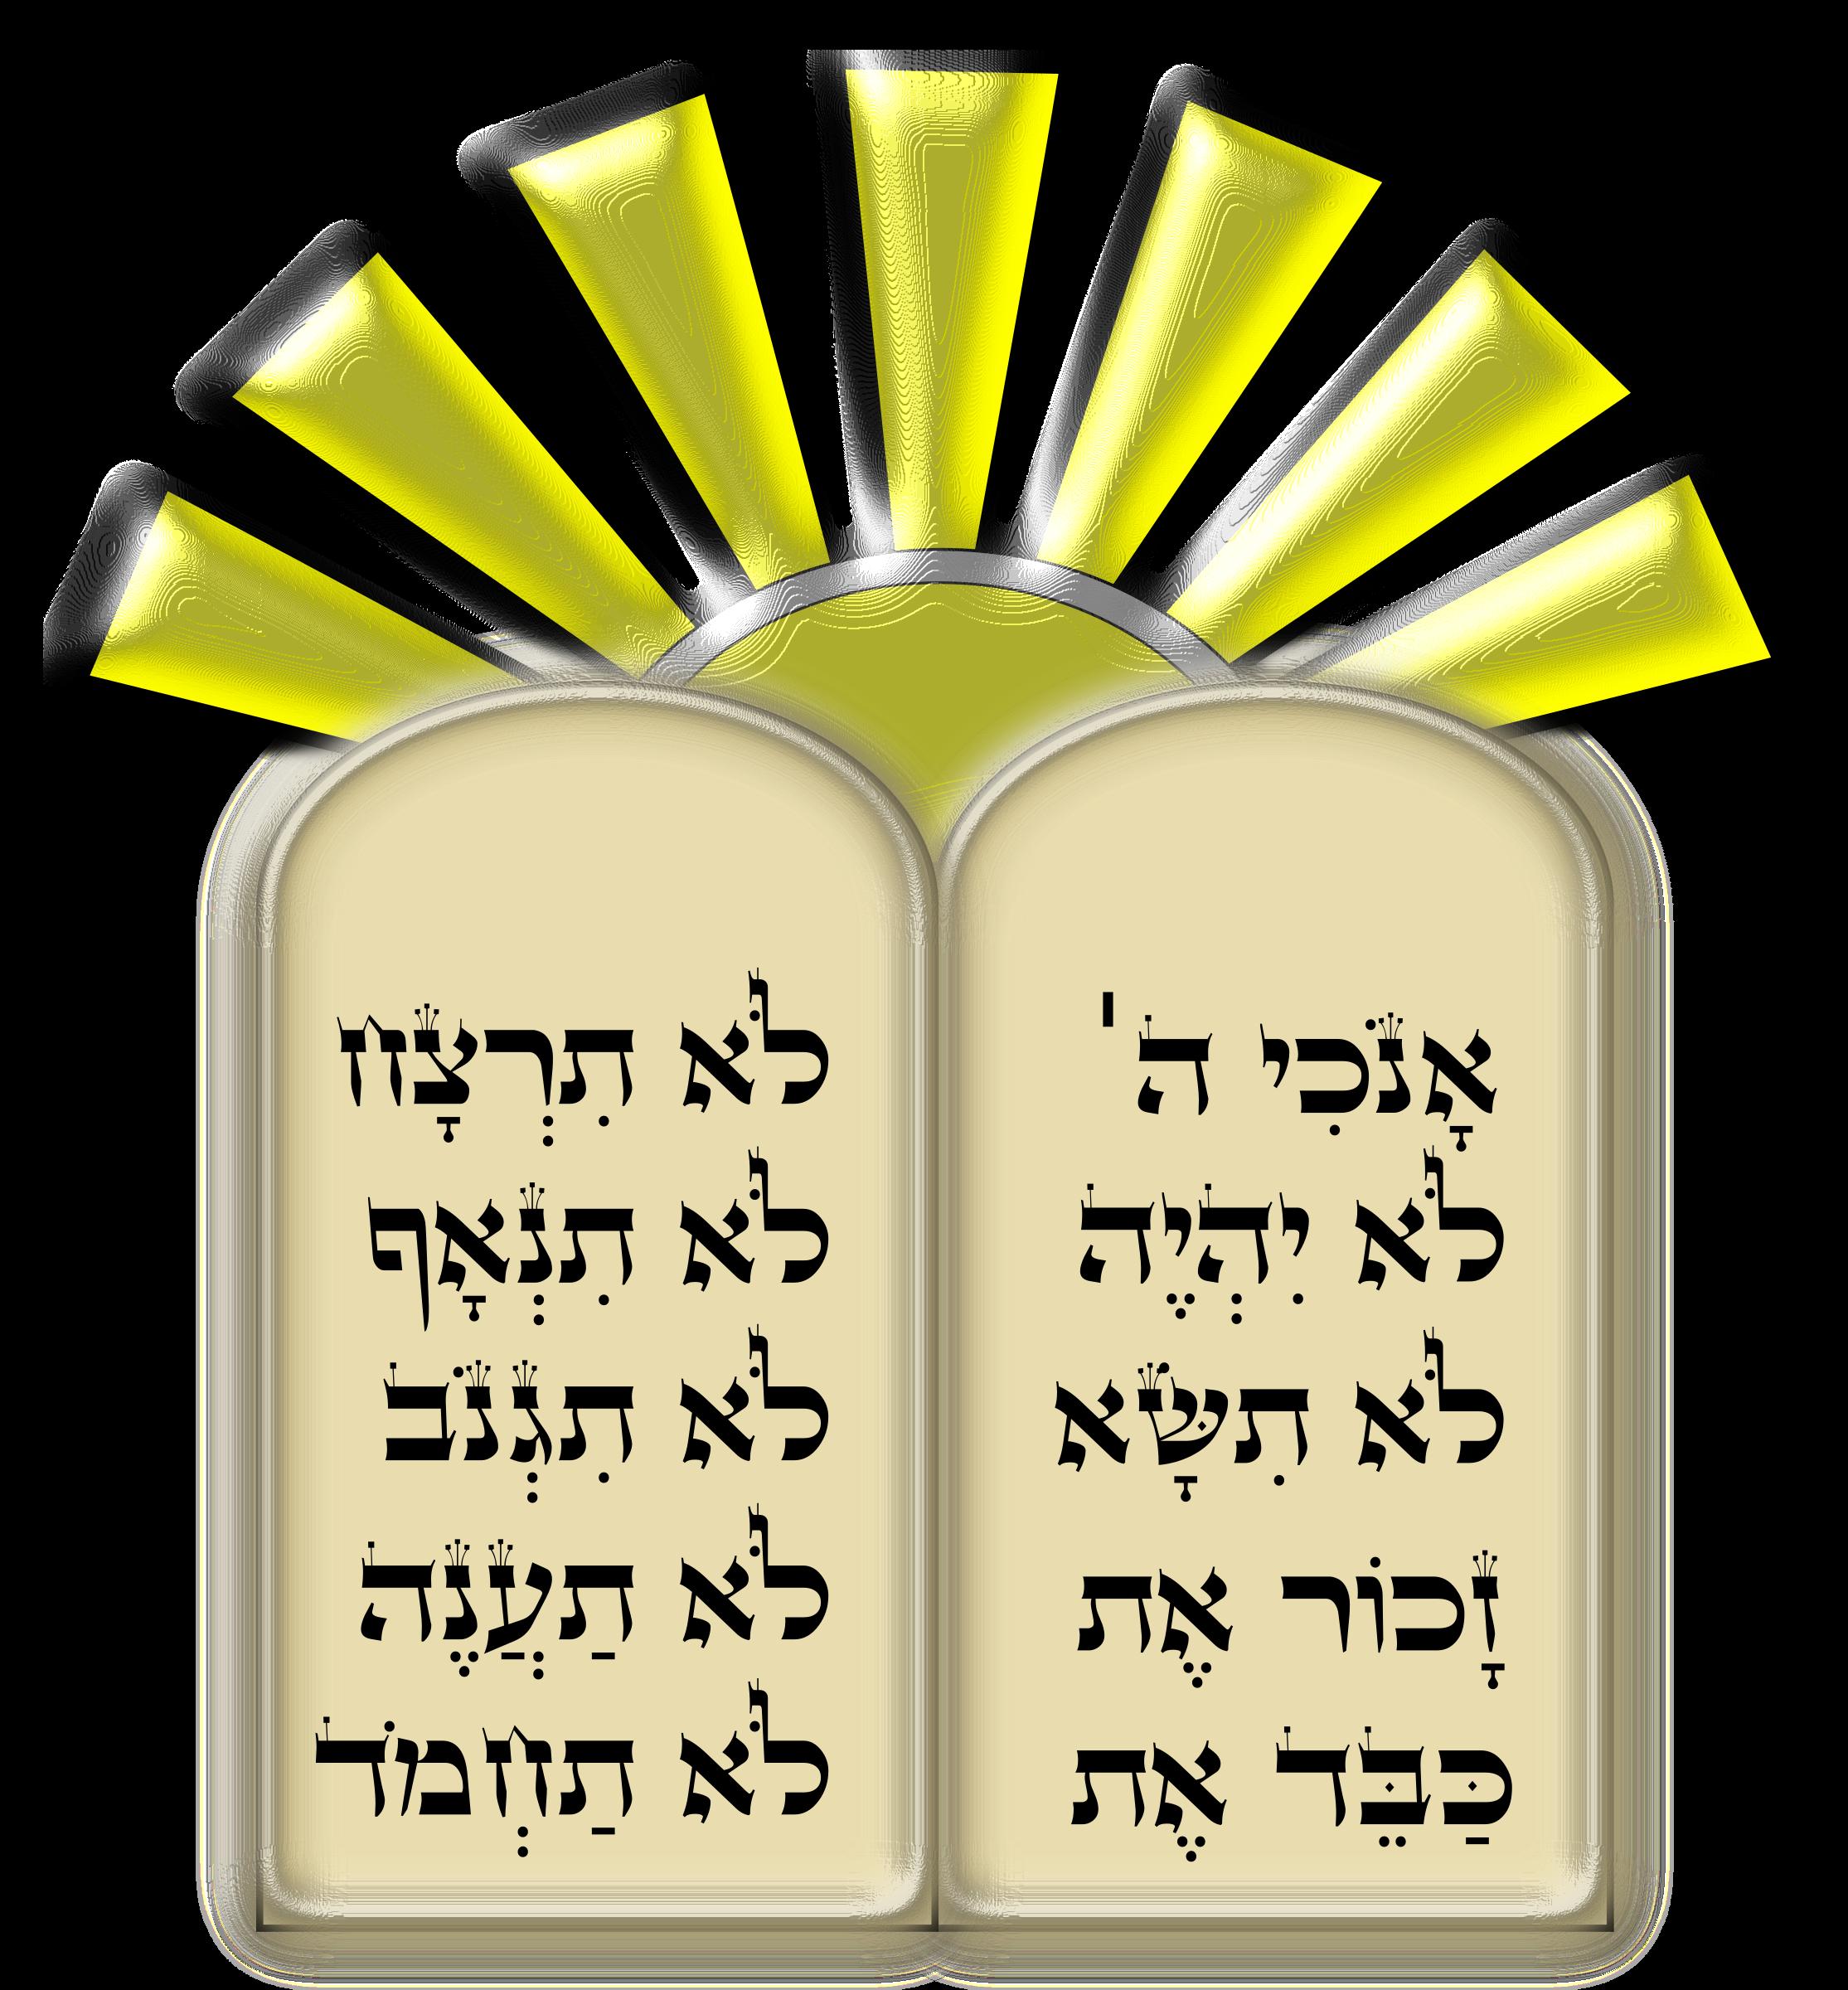 Ten commandments clipart. Big image png